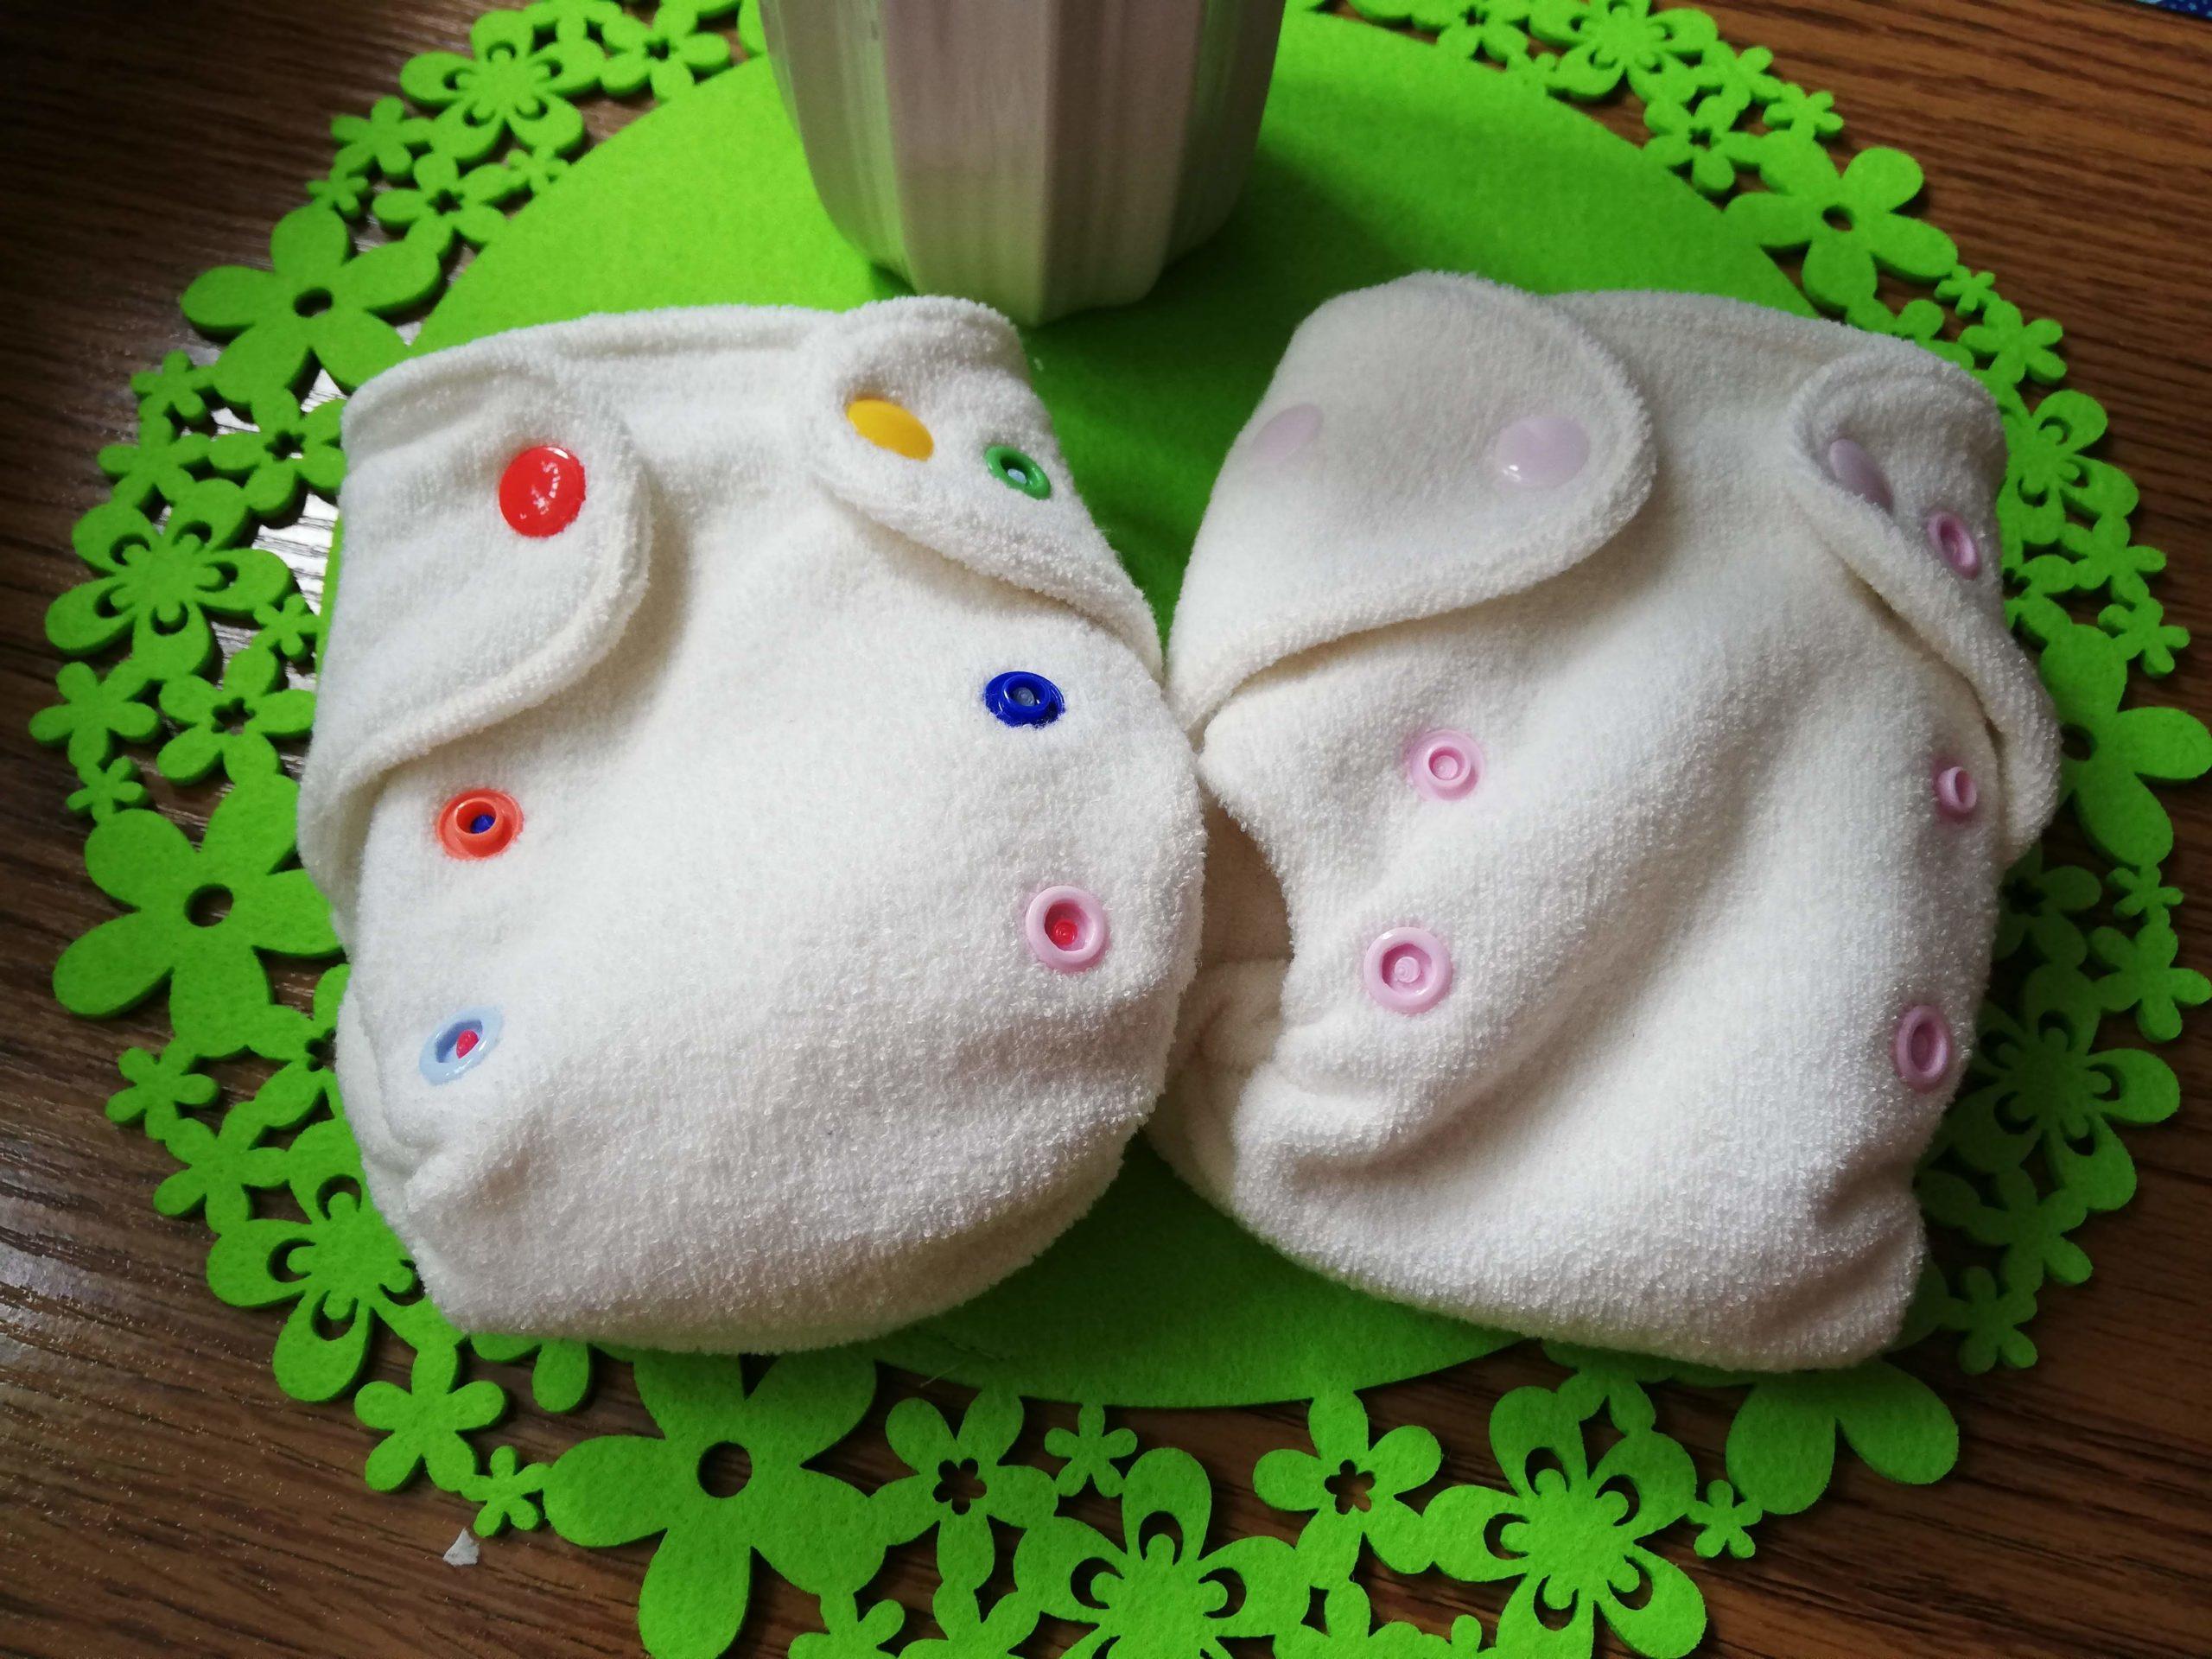 wielopieluchowanie noworodka formowanki